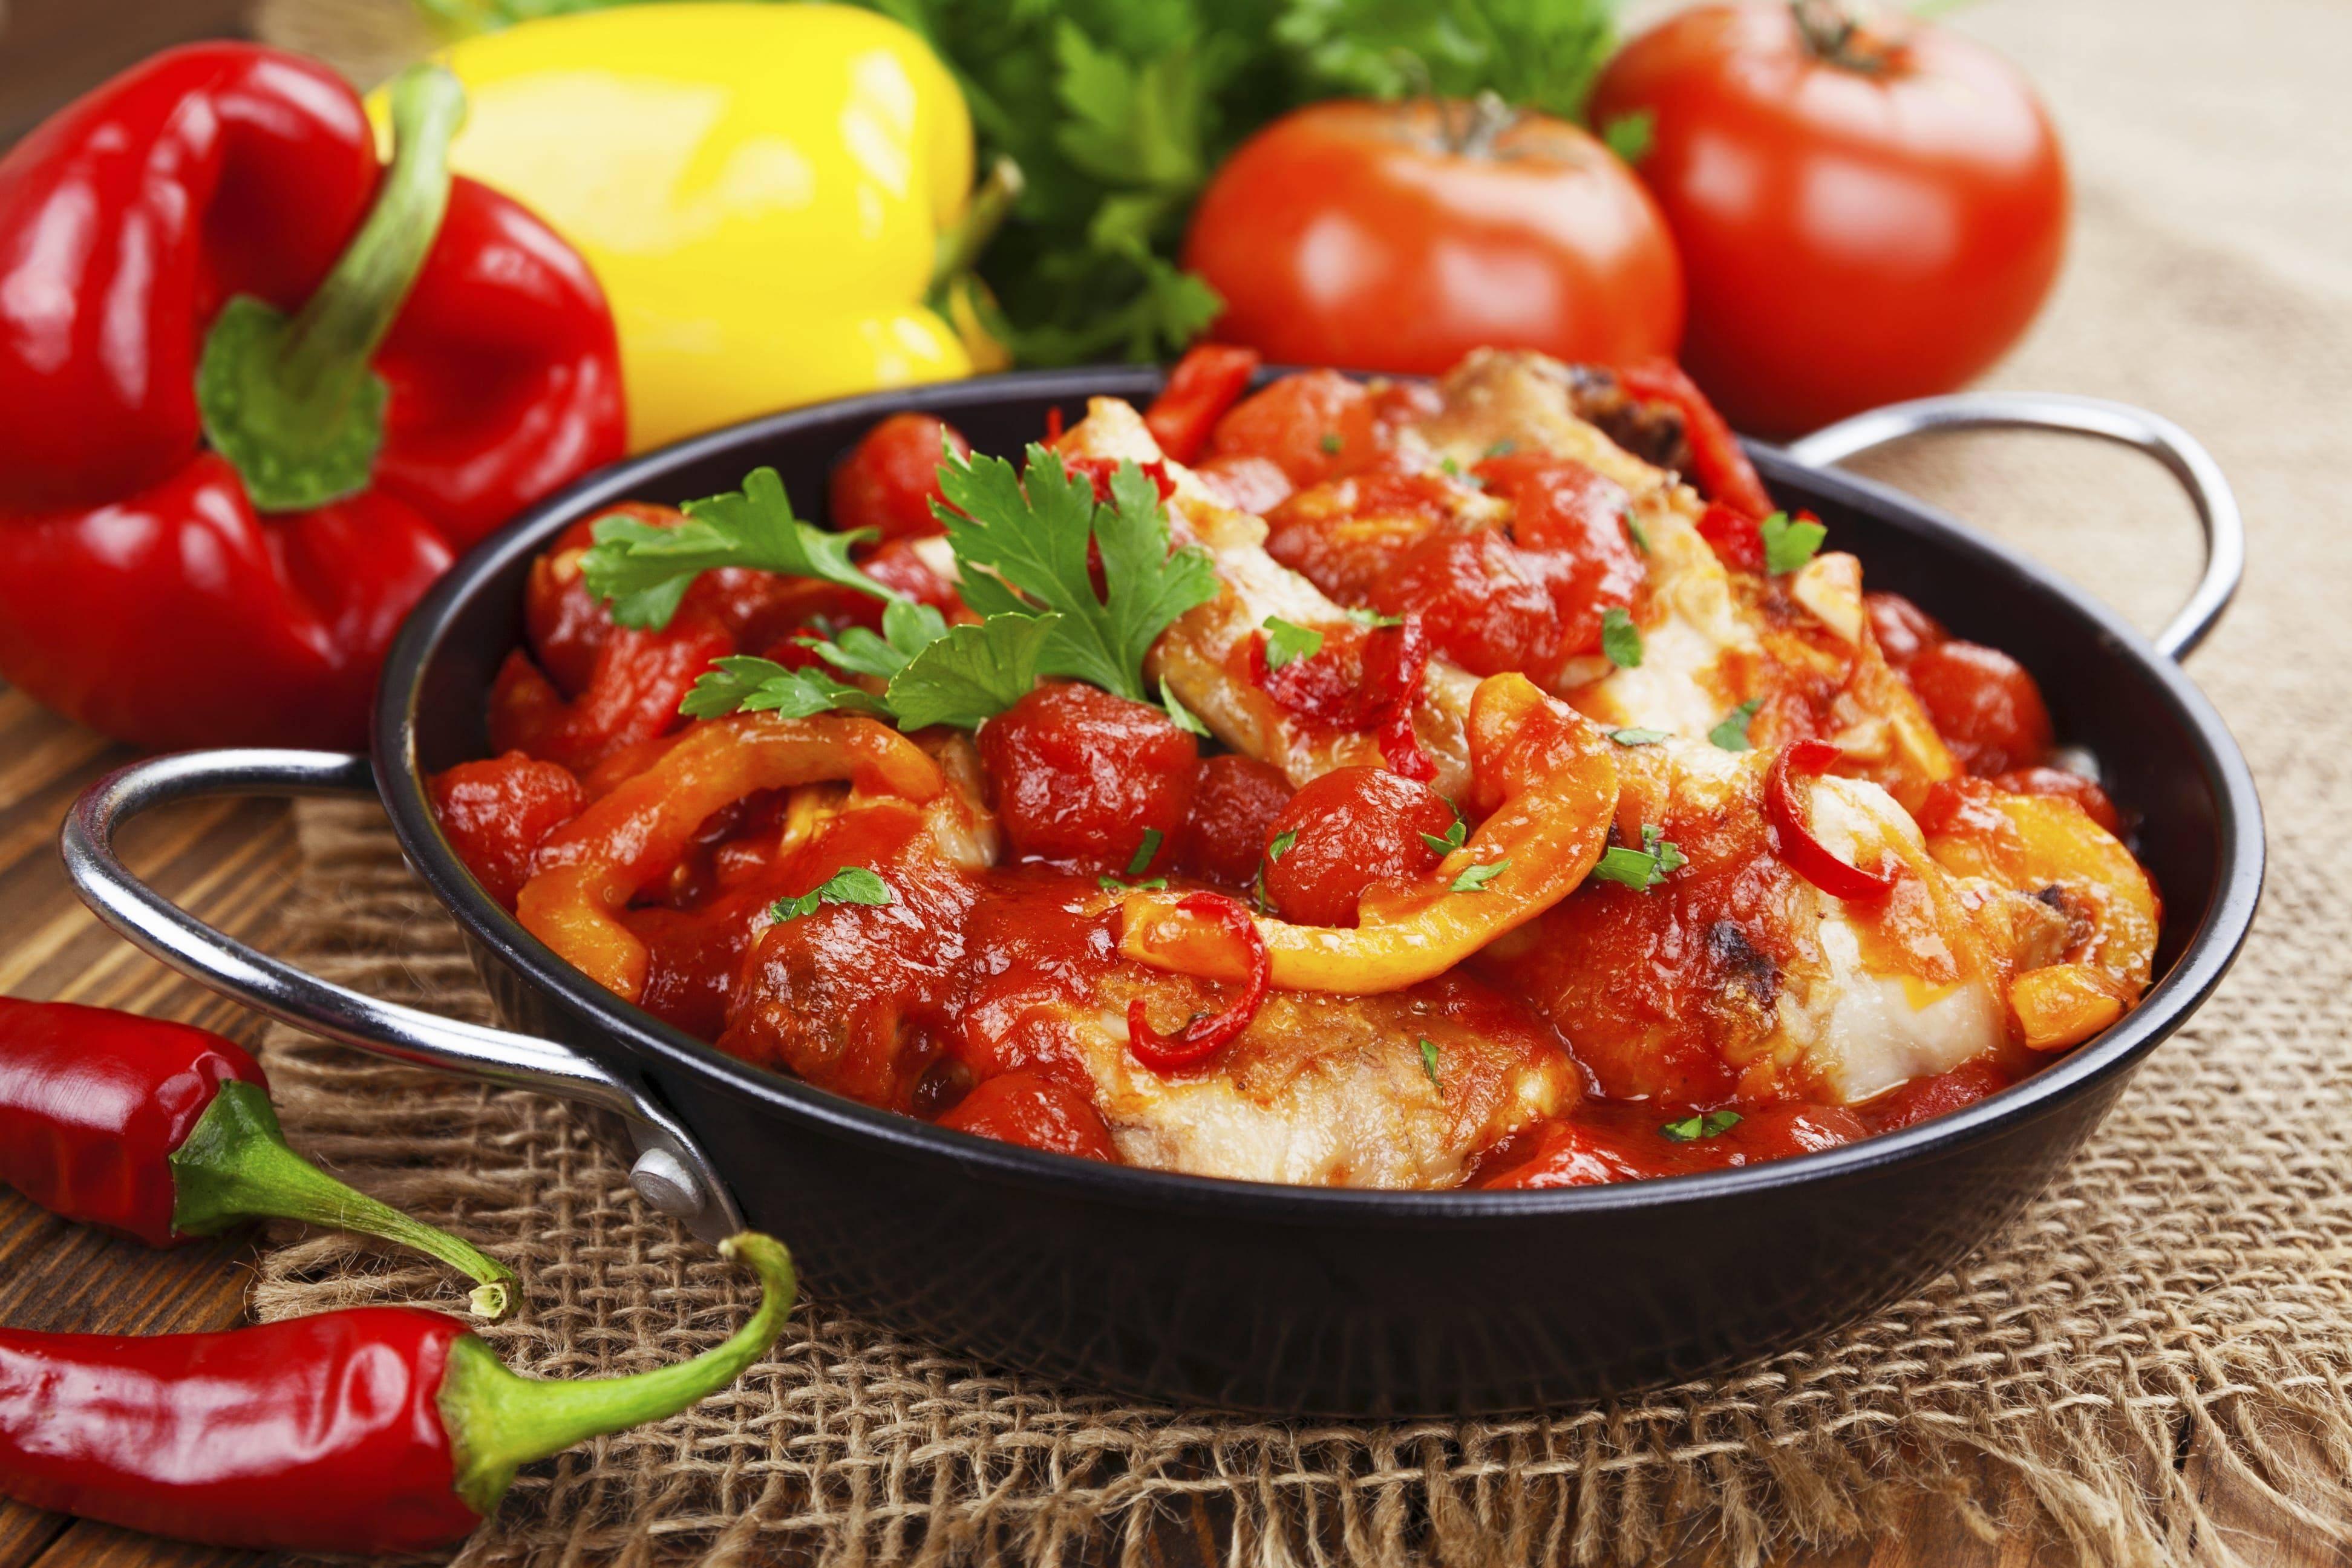 Курица в вине: какое лучше подходит для рецептов с маринованной птицей - красное или белое, с чем подают, как сделать в духовке, на сковороде, чахохбили, фото блюд | mosspravki.ru